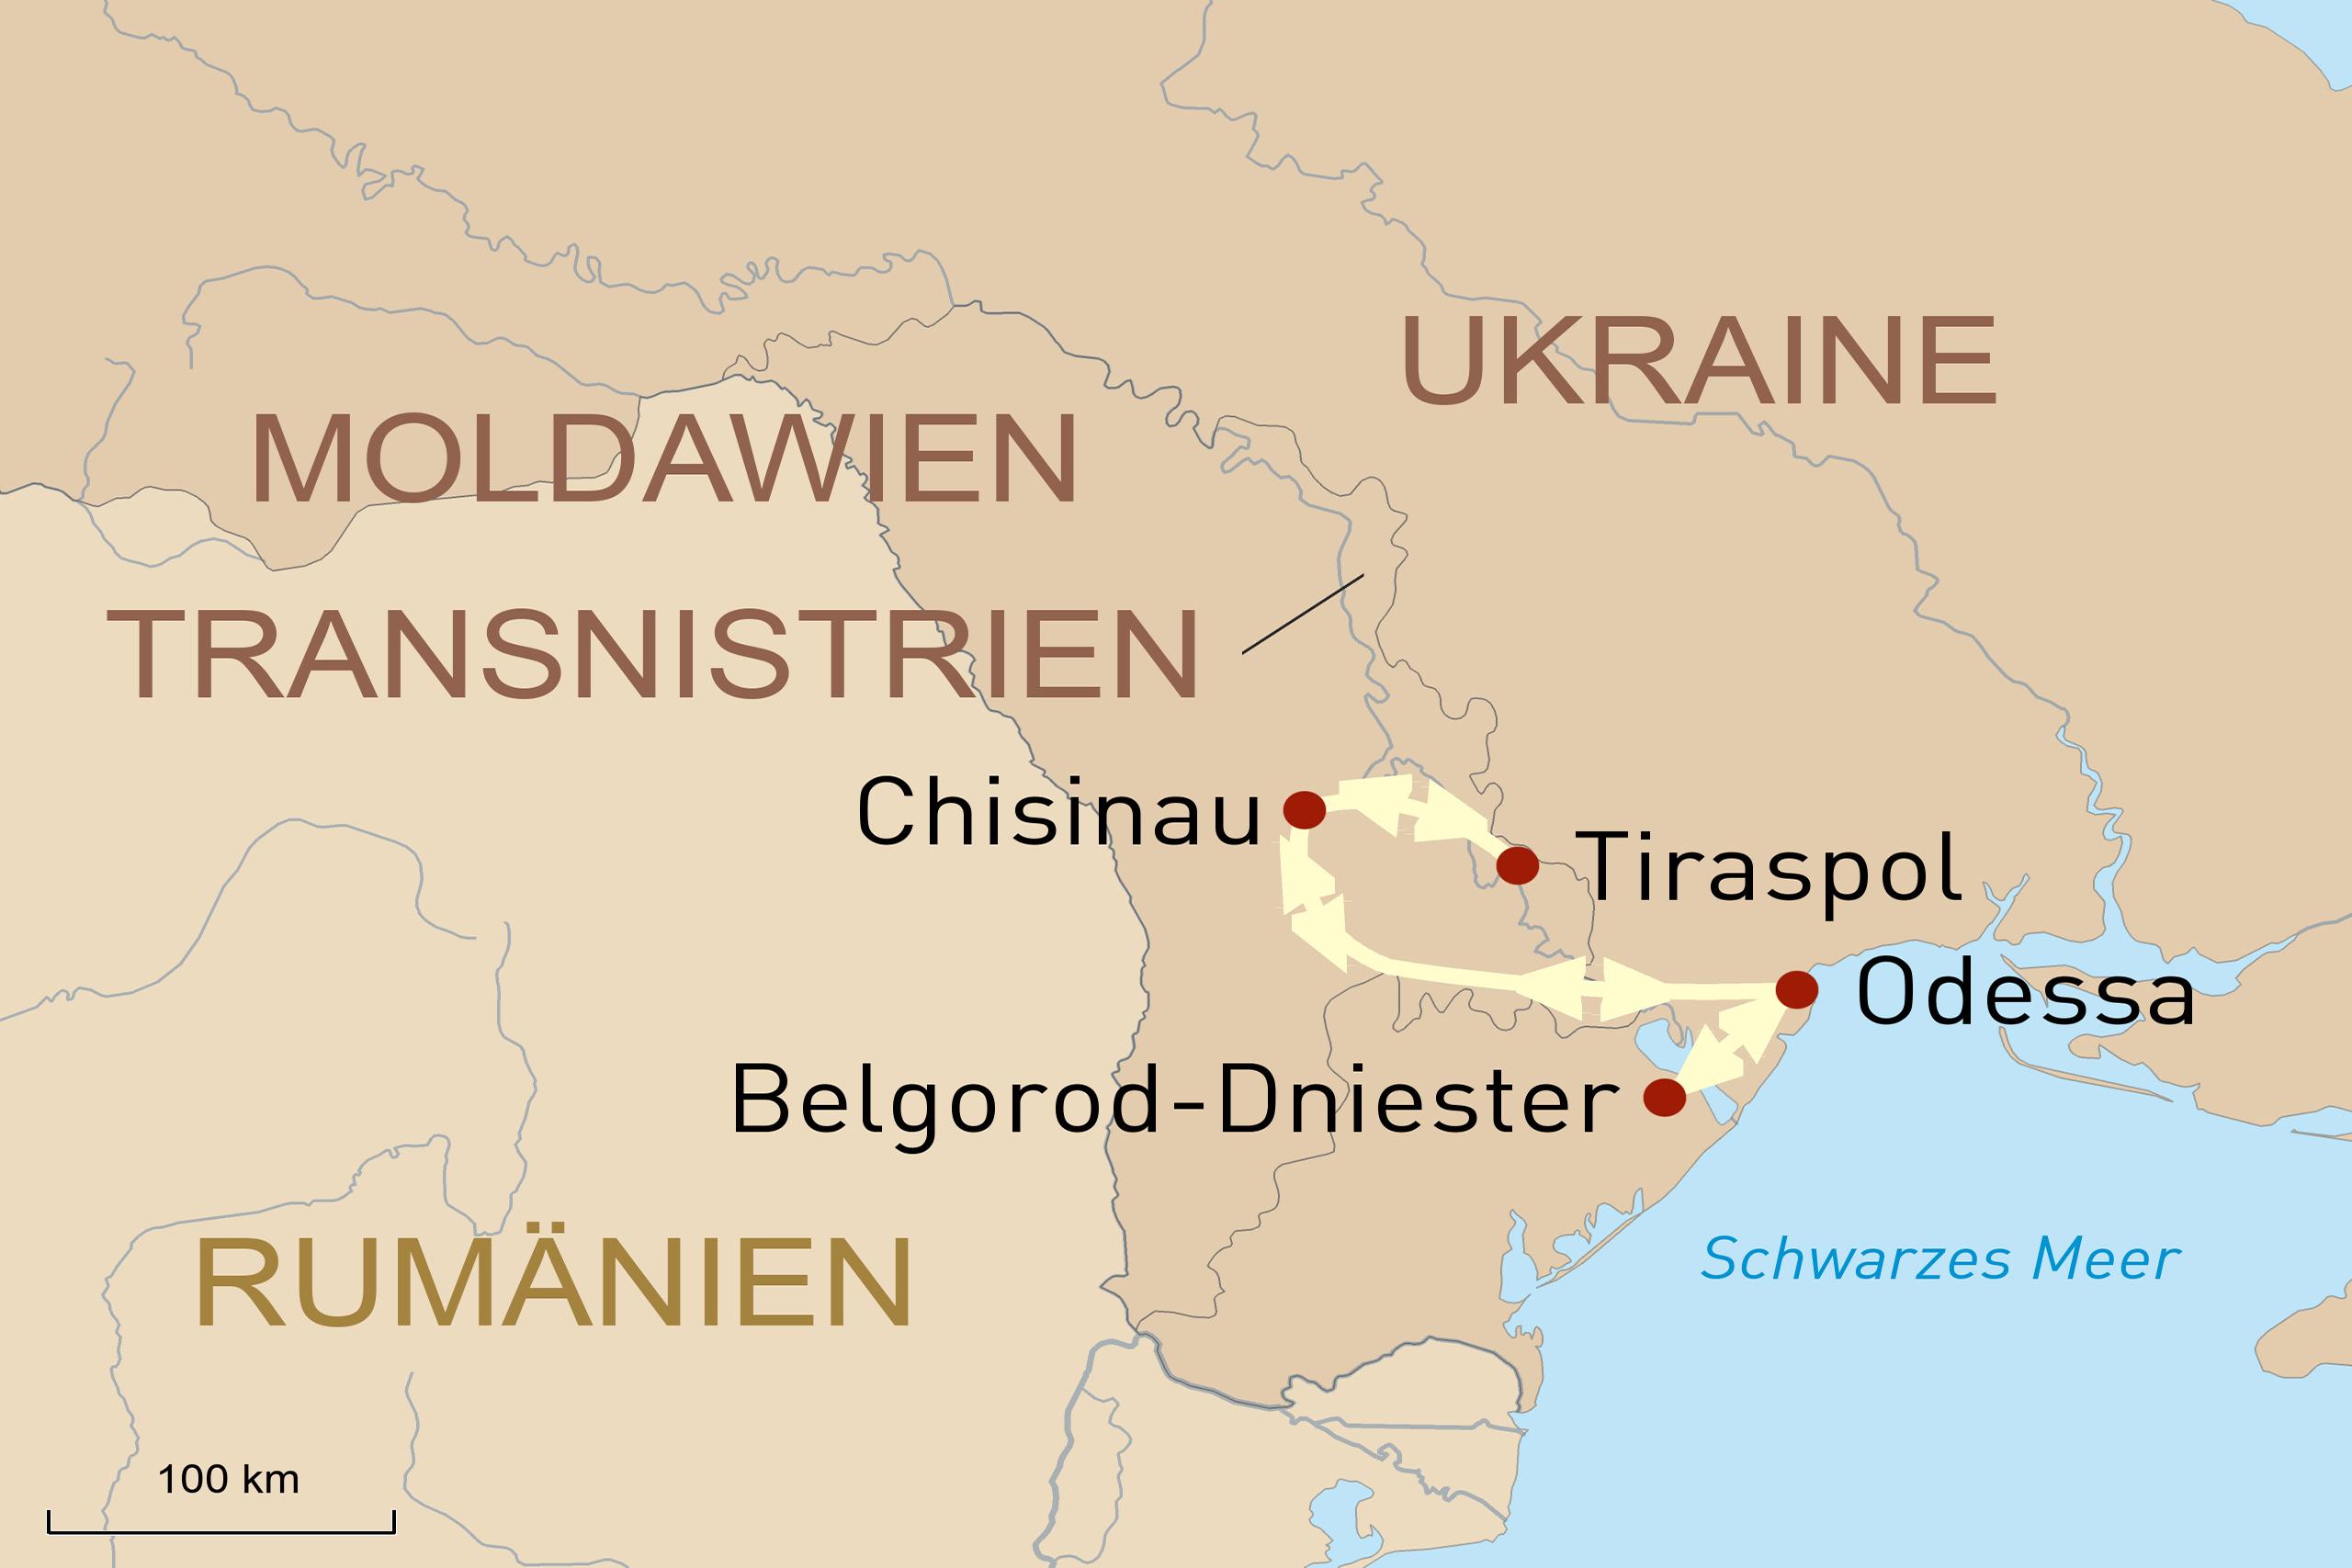 Landkarte für Unbekannte Perlen - Moldawien, Transnistrien und Odessa